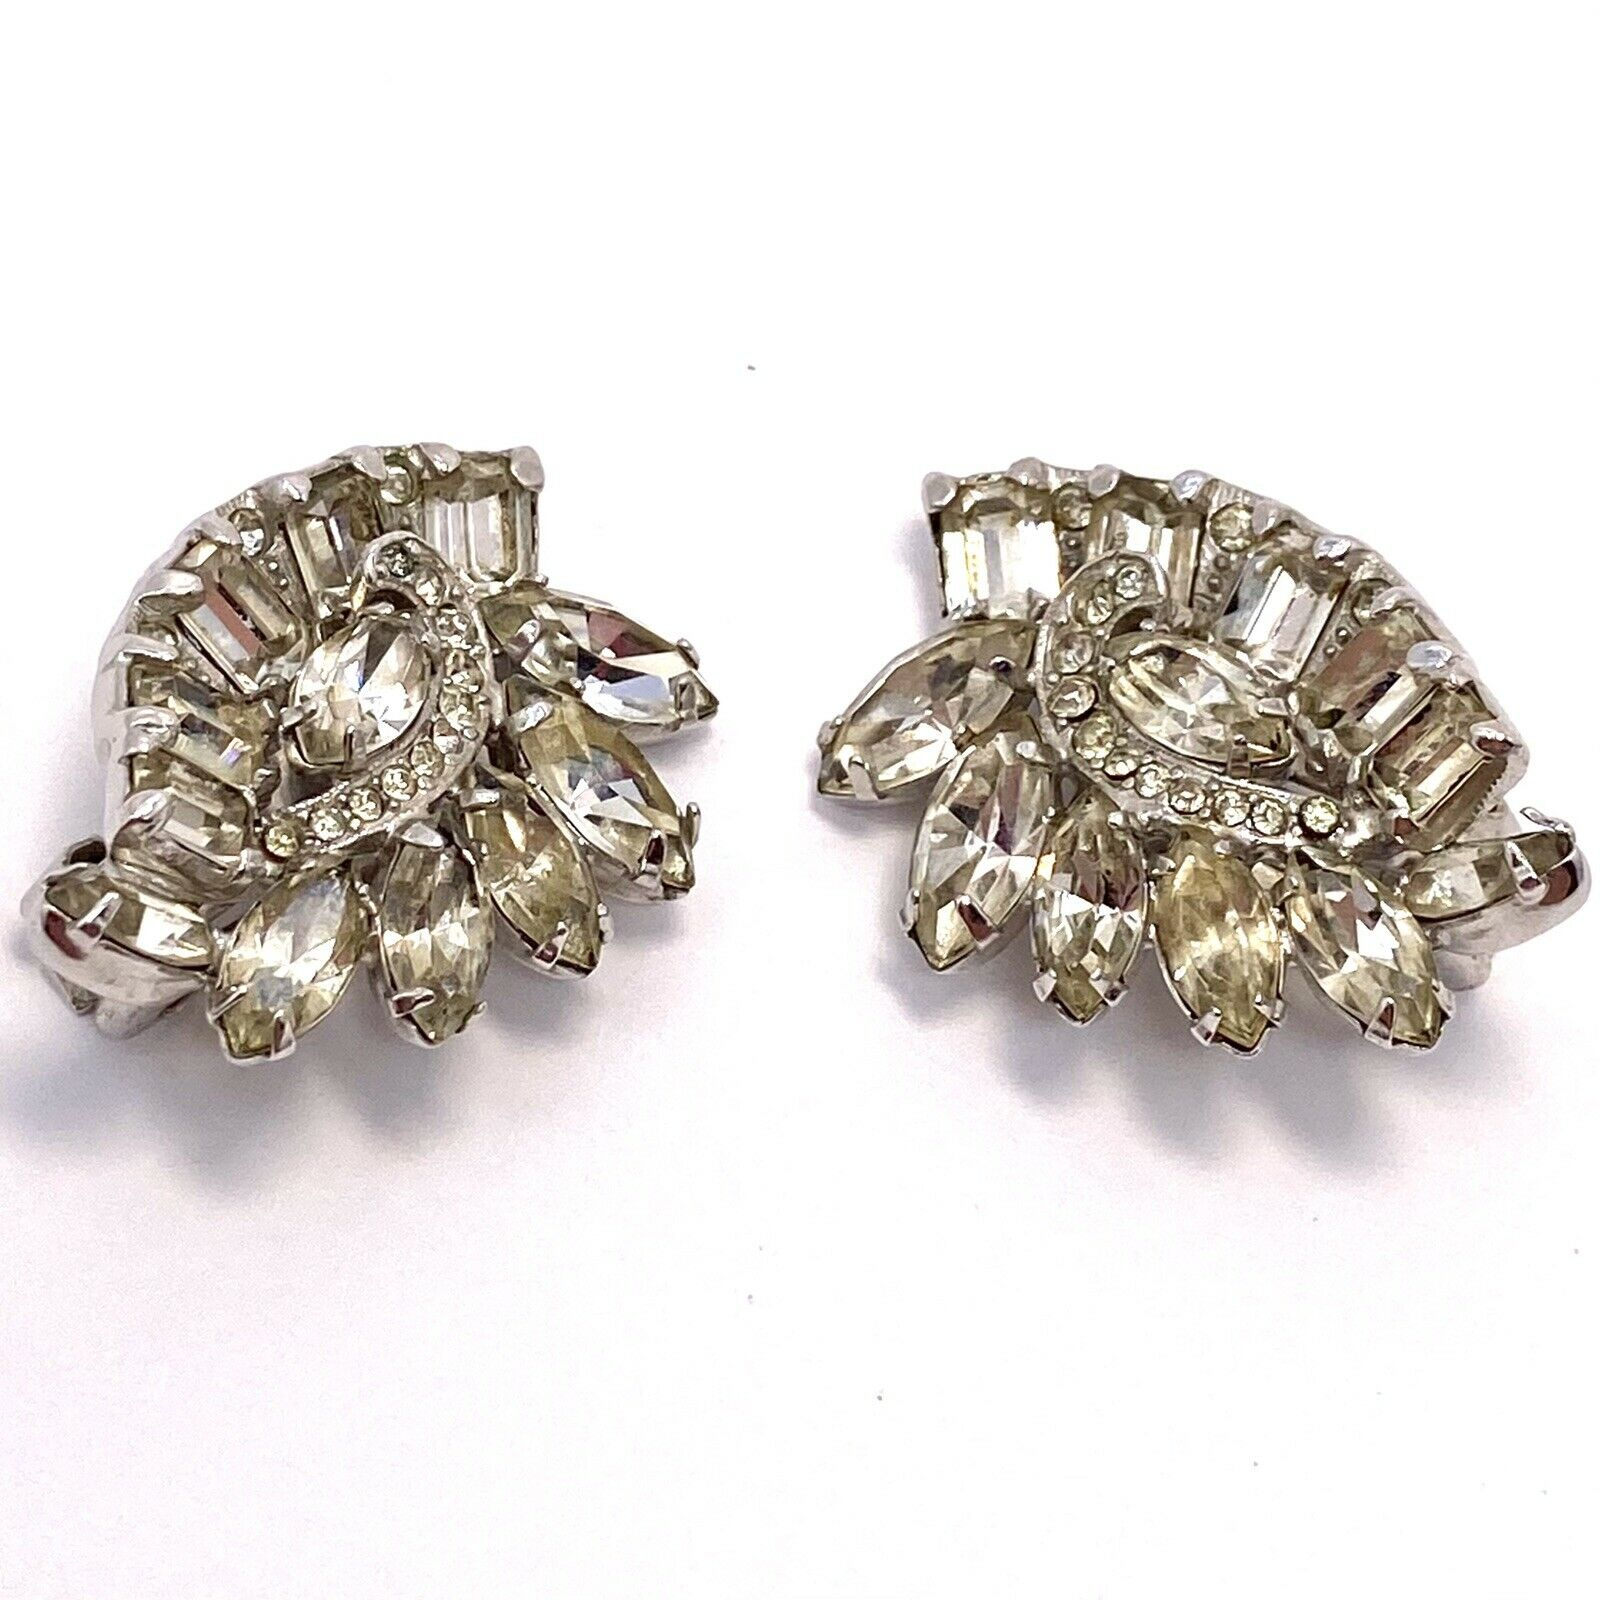 Vtg Eisenberg Rhinestone Cluster Clip Earrings - image 2